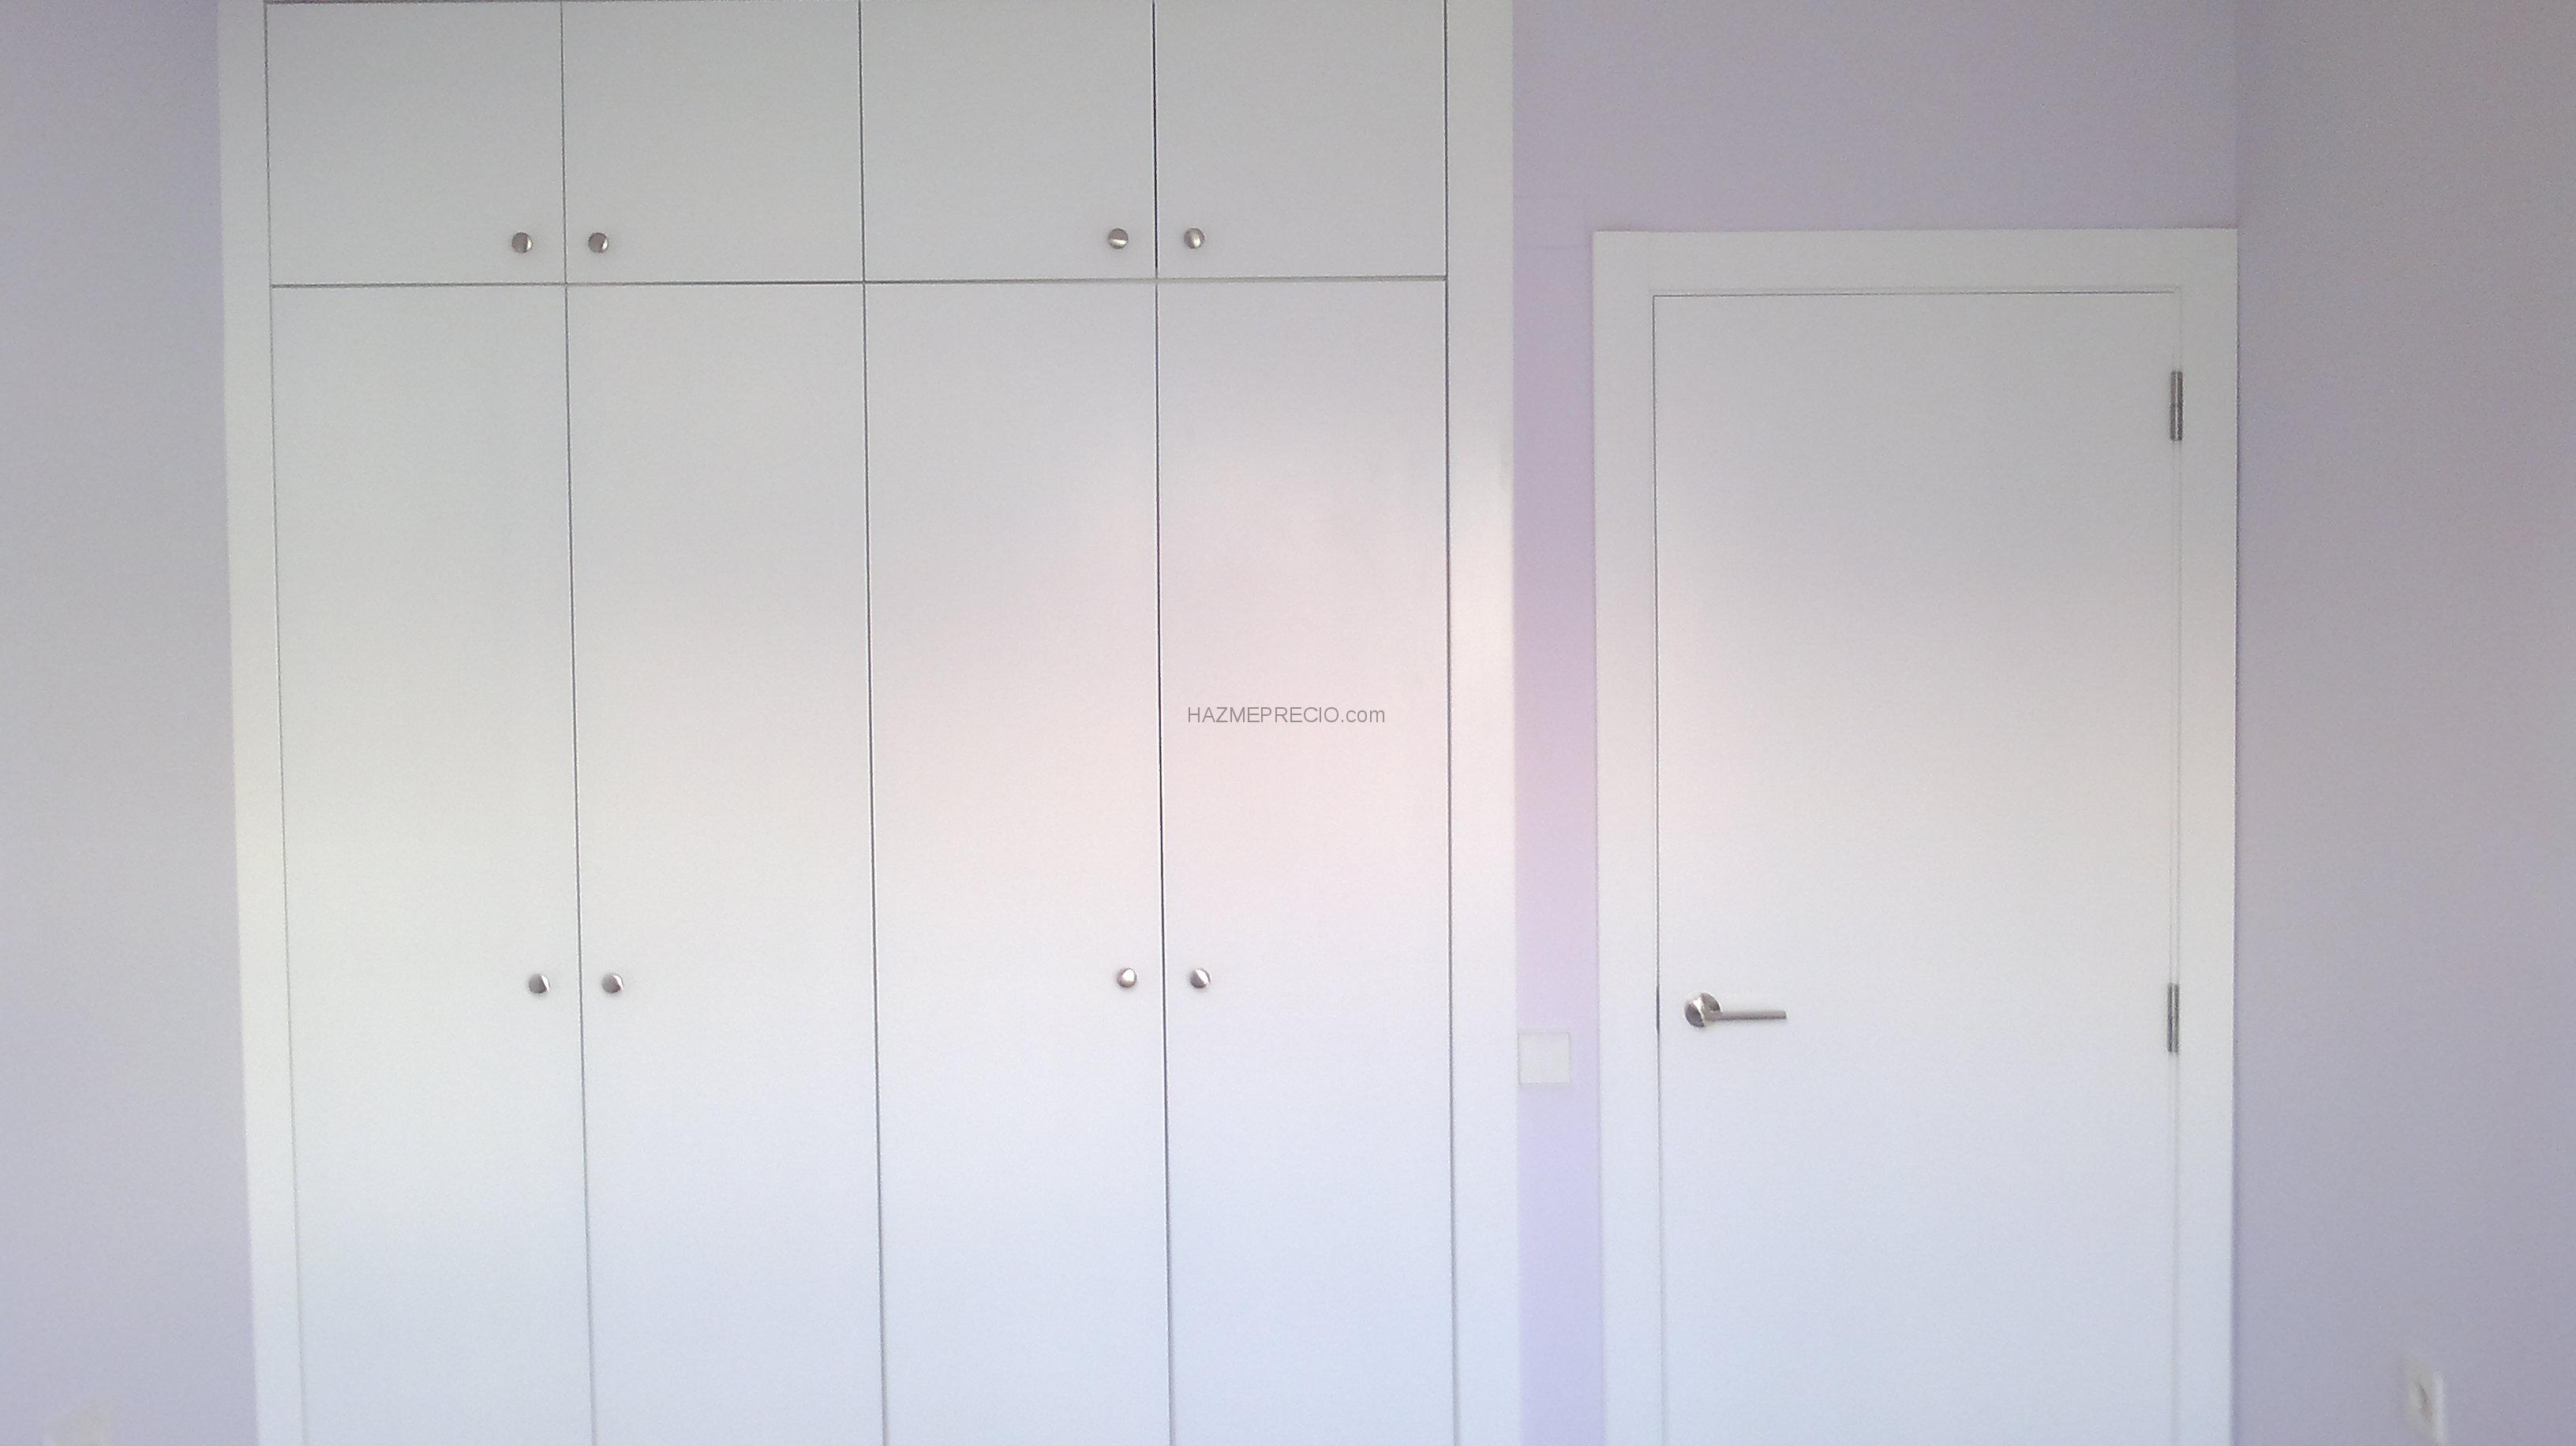 Presupuesto para cambiar puertas y lacar puertas armarios - Presupuesto lacar puertas ...